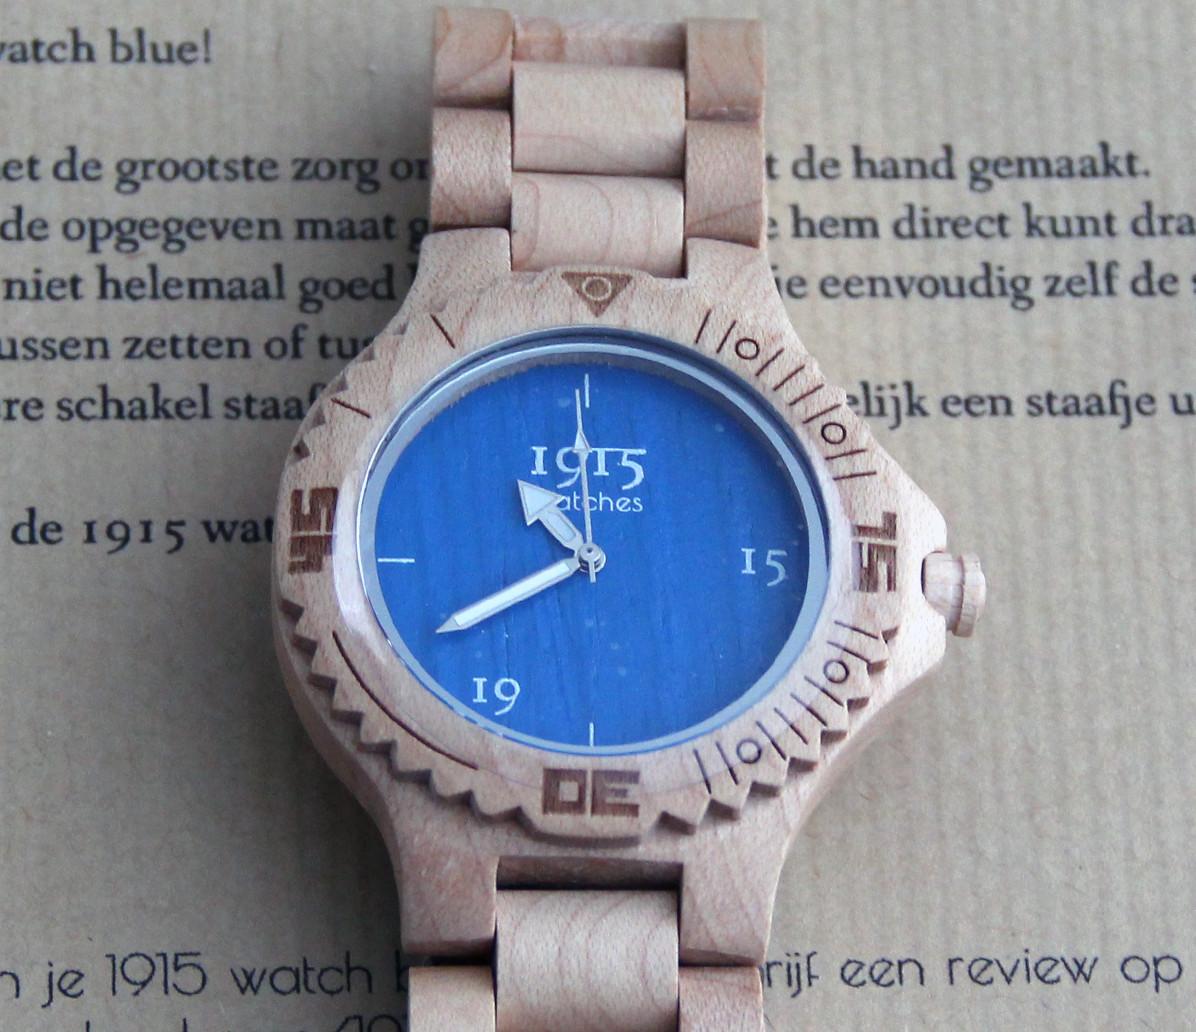 Houten_horloge_detail_1915_Teylingen-johnny-en-robert-spies_foto_Lisa_de_Blok_Nieuwsnl